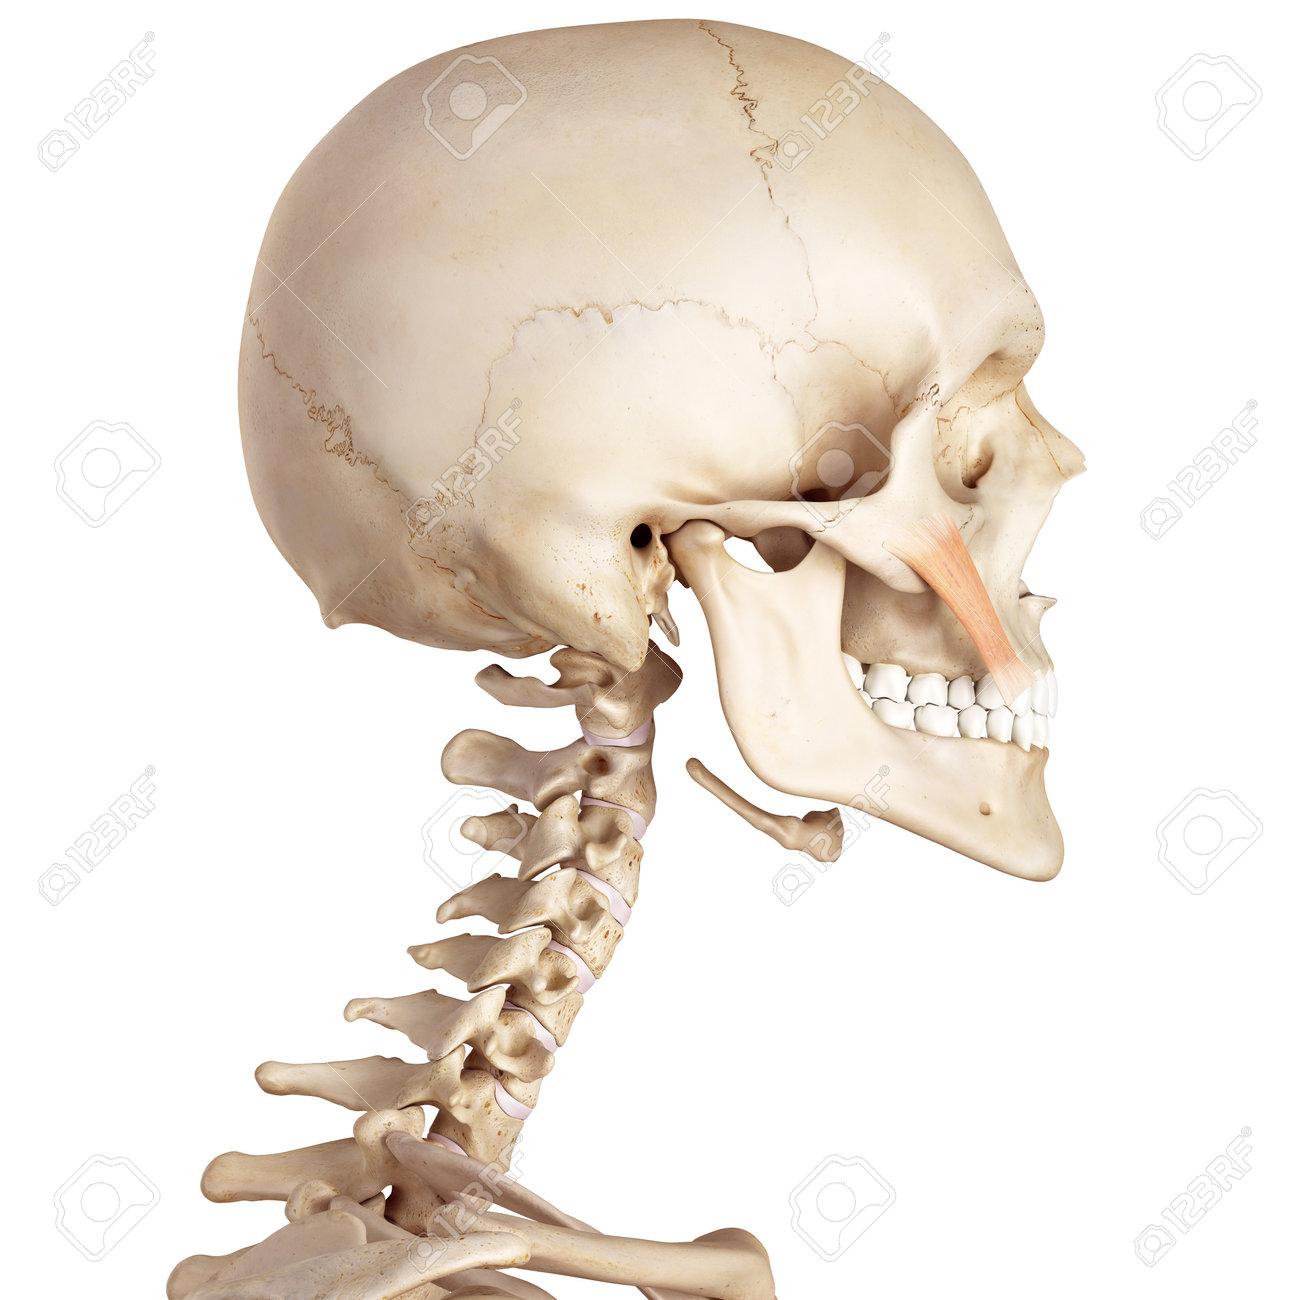 Berühmt Menschliche Anatomie Haupt Fotos - Menschliche Anatomie ...